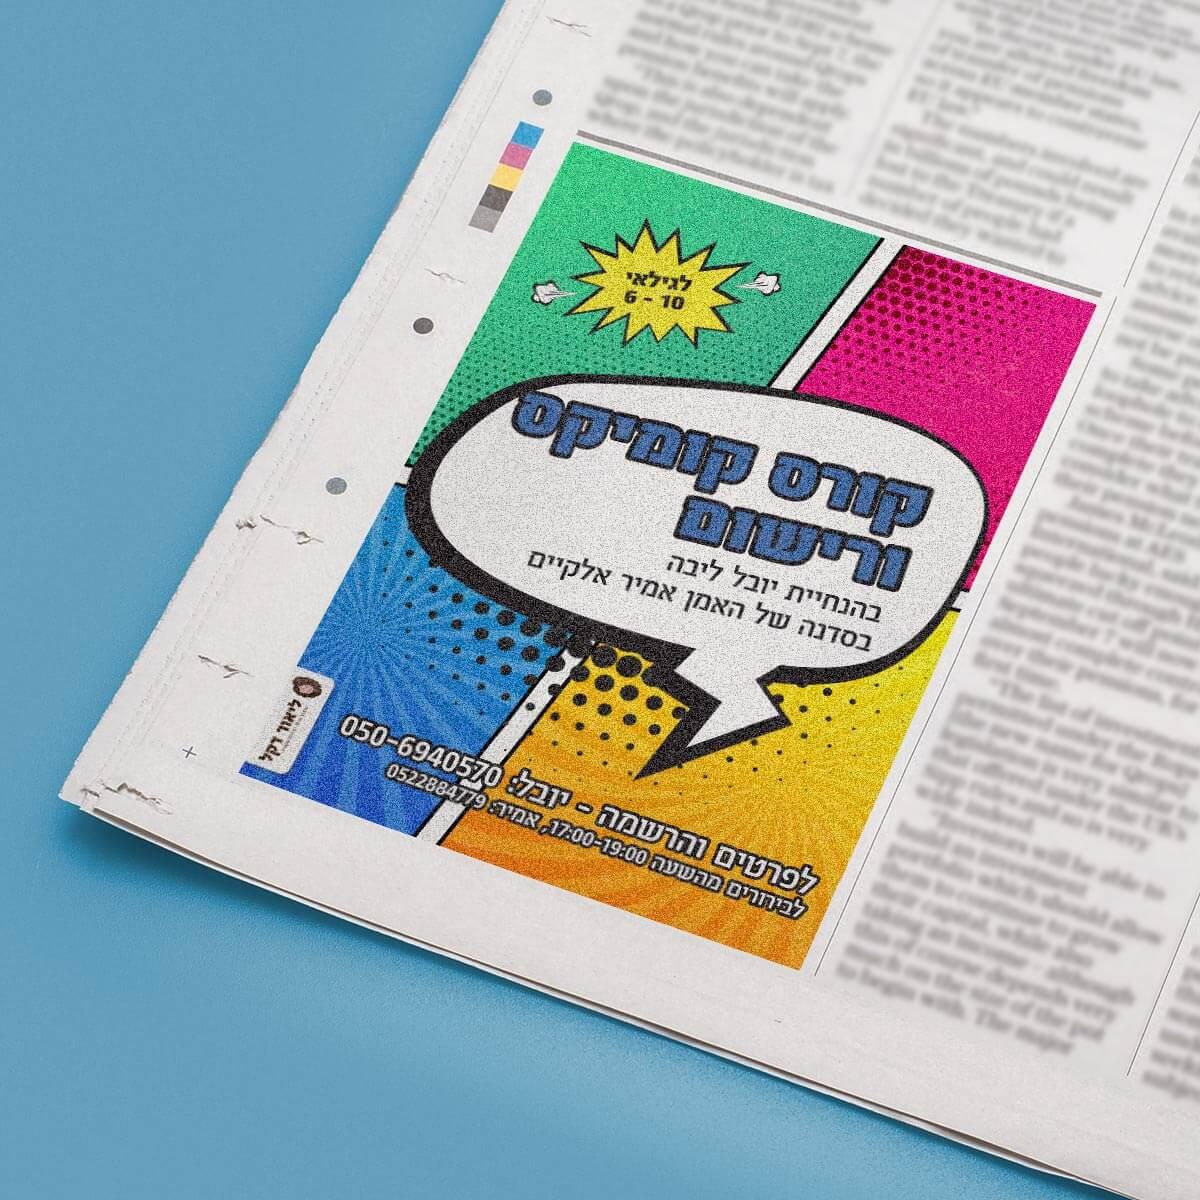 עיצוב מודעה לעיתון קורס קומיקס לילדים יובל ליבה | ליאור דקל ליבה